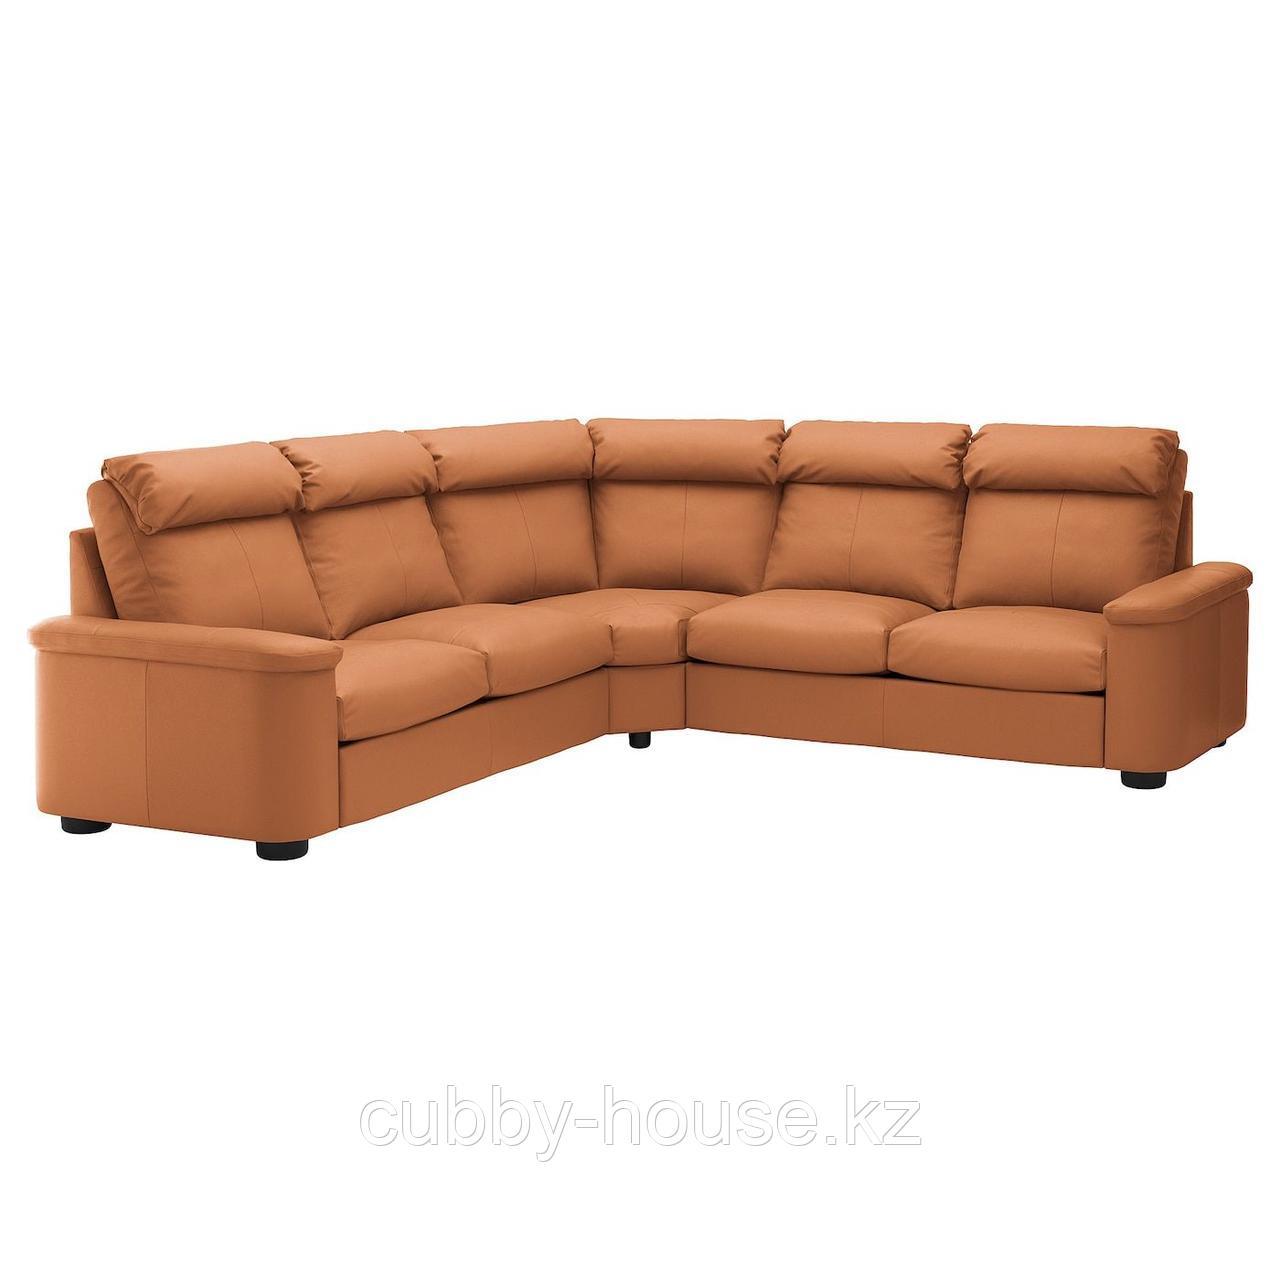 ЛИДГУЛЬТ 5-местный угловой диван, Гранн/Бумстад темно-коричневый